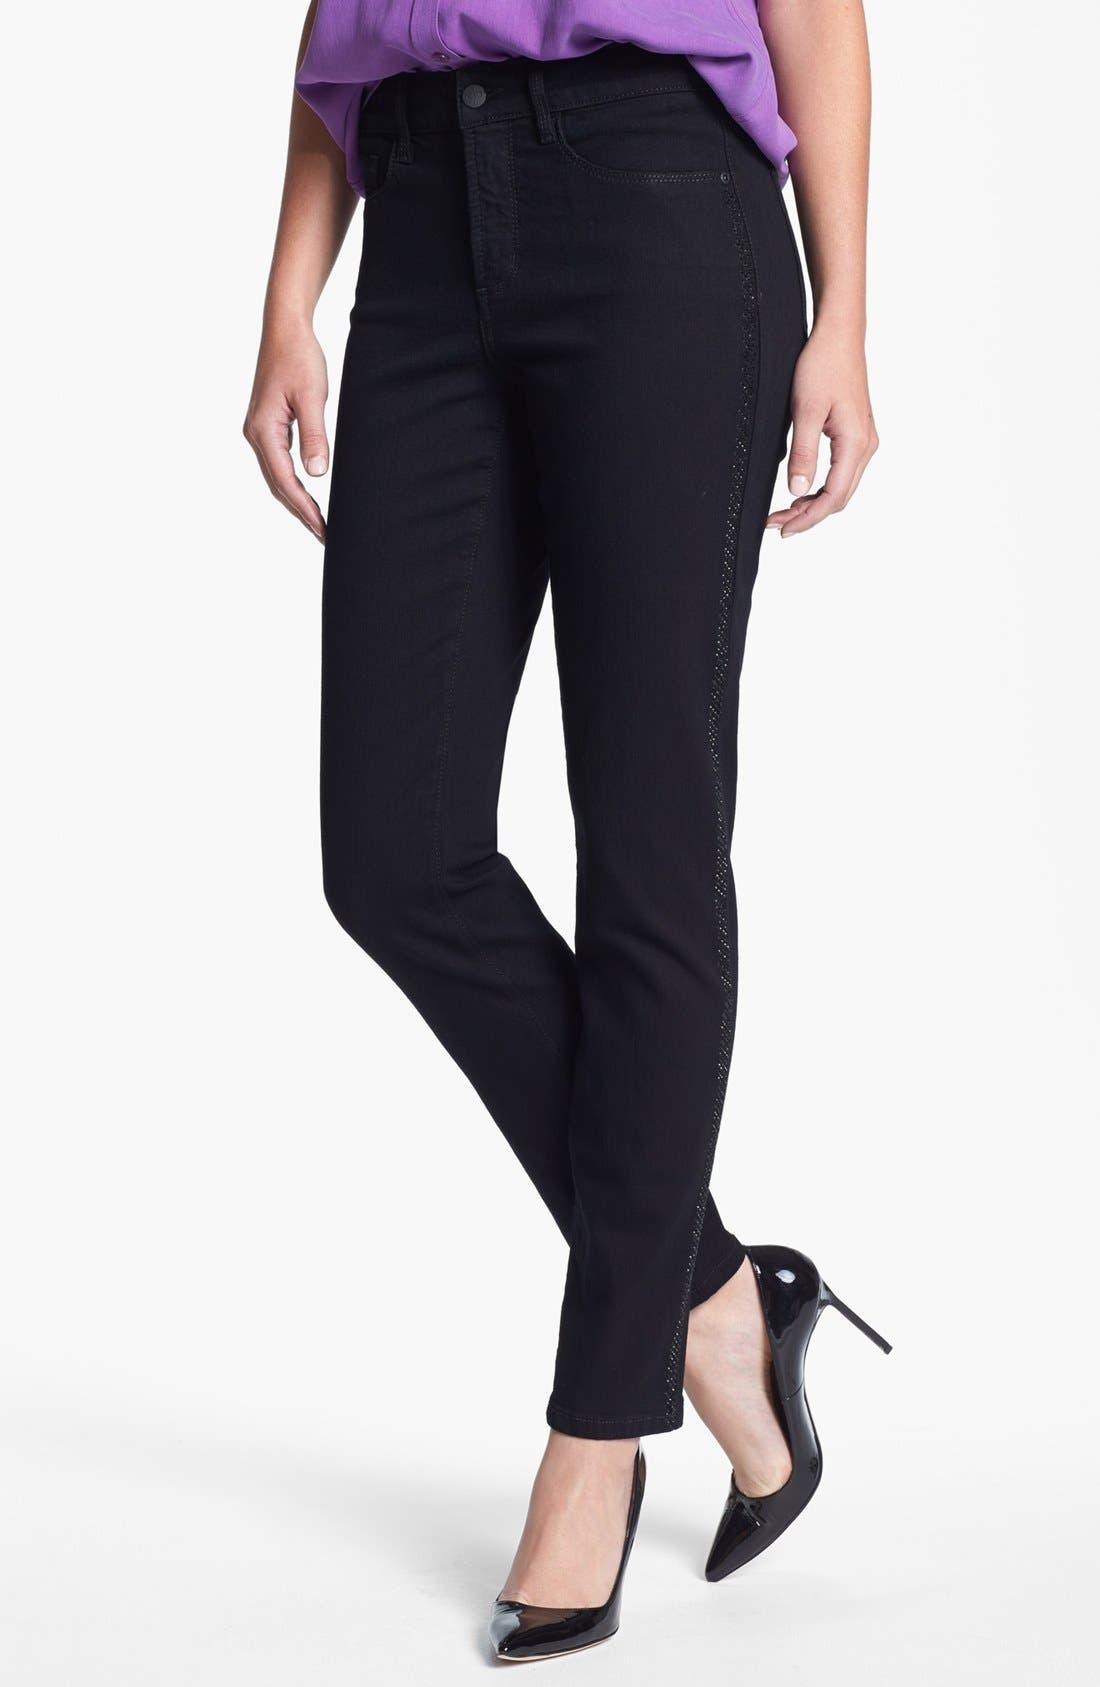 Alternate Image 1 Selected - NYDJ 'Alina' Embellished Trim Stretch Skinny Jeans (Black)